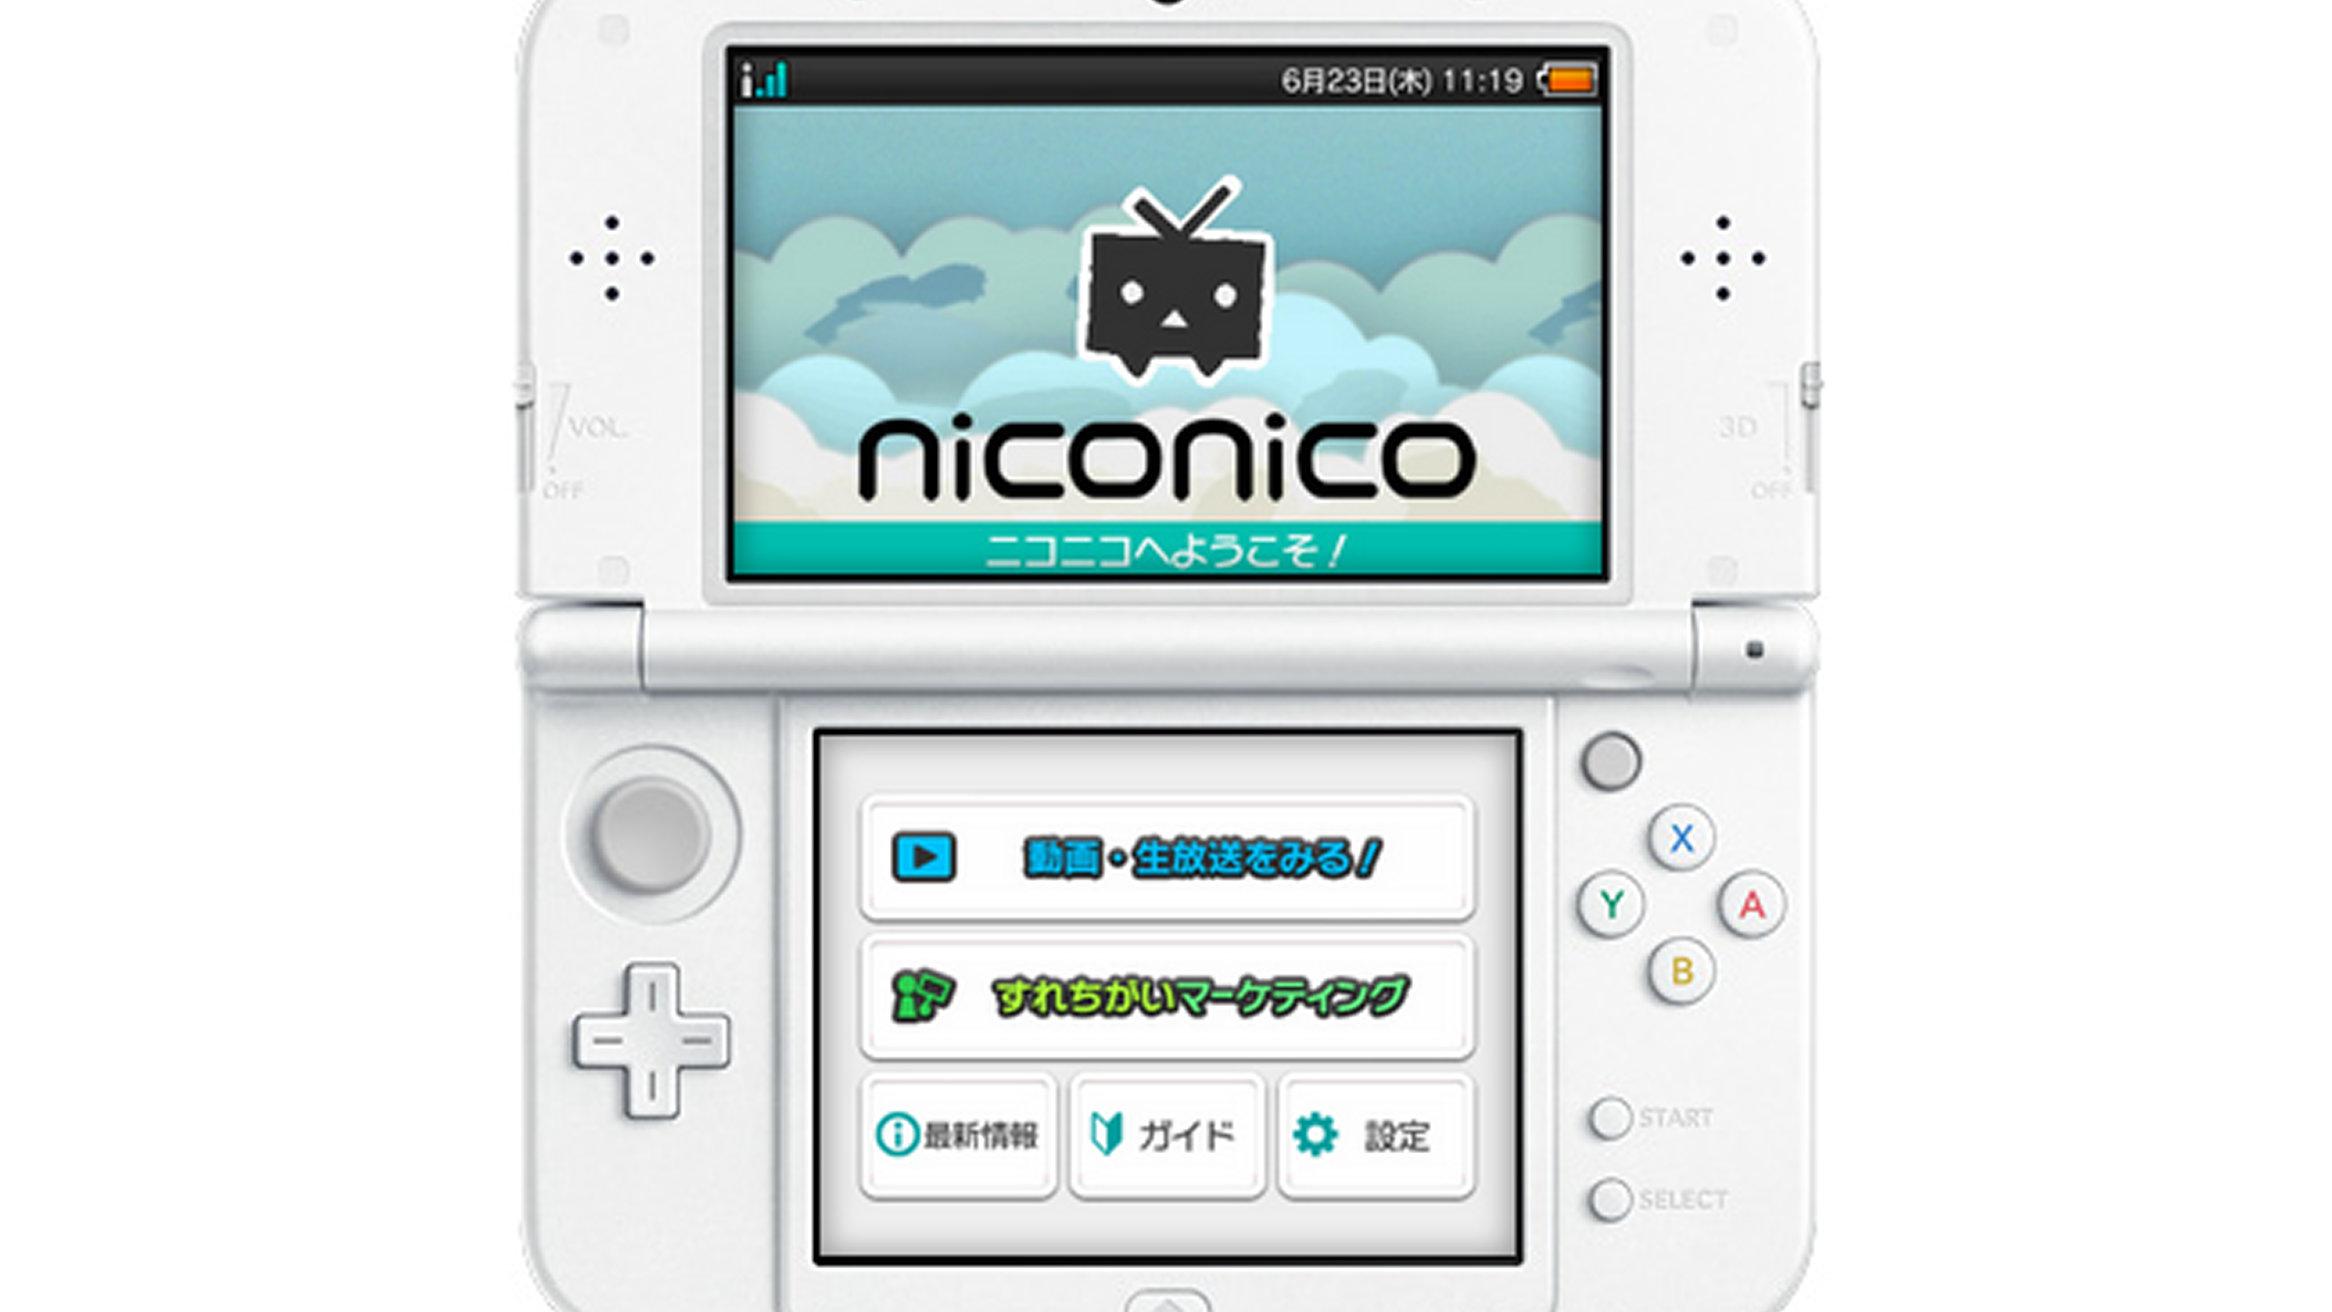 ニンテンドースイッチ、ニコニコ生放送が終了。3DS見れなくなる